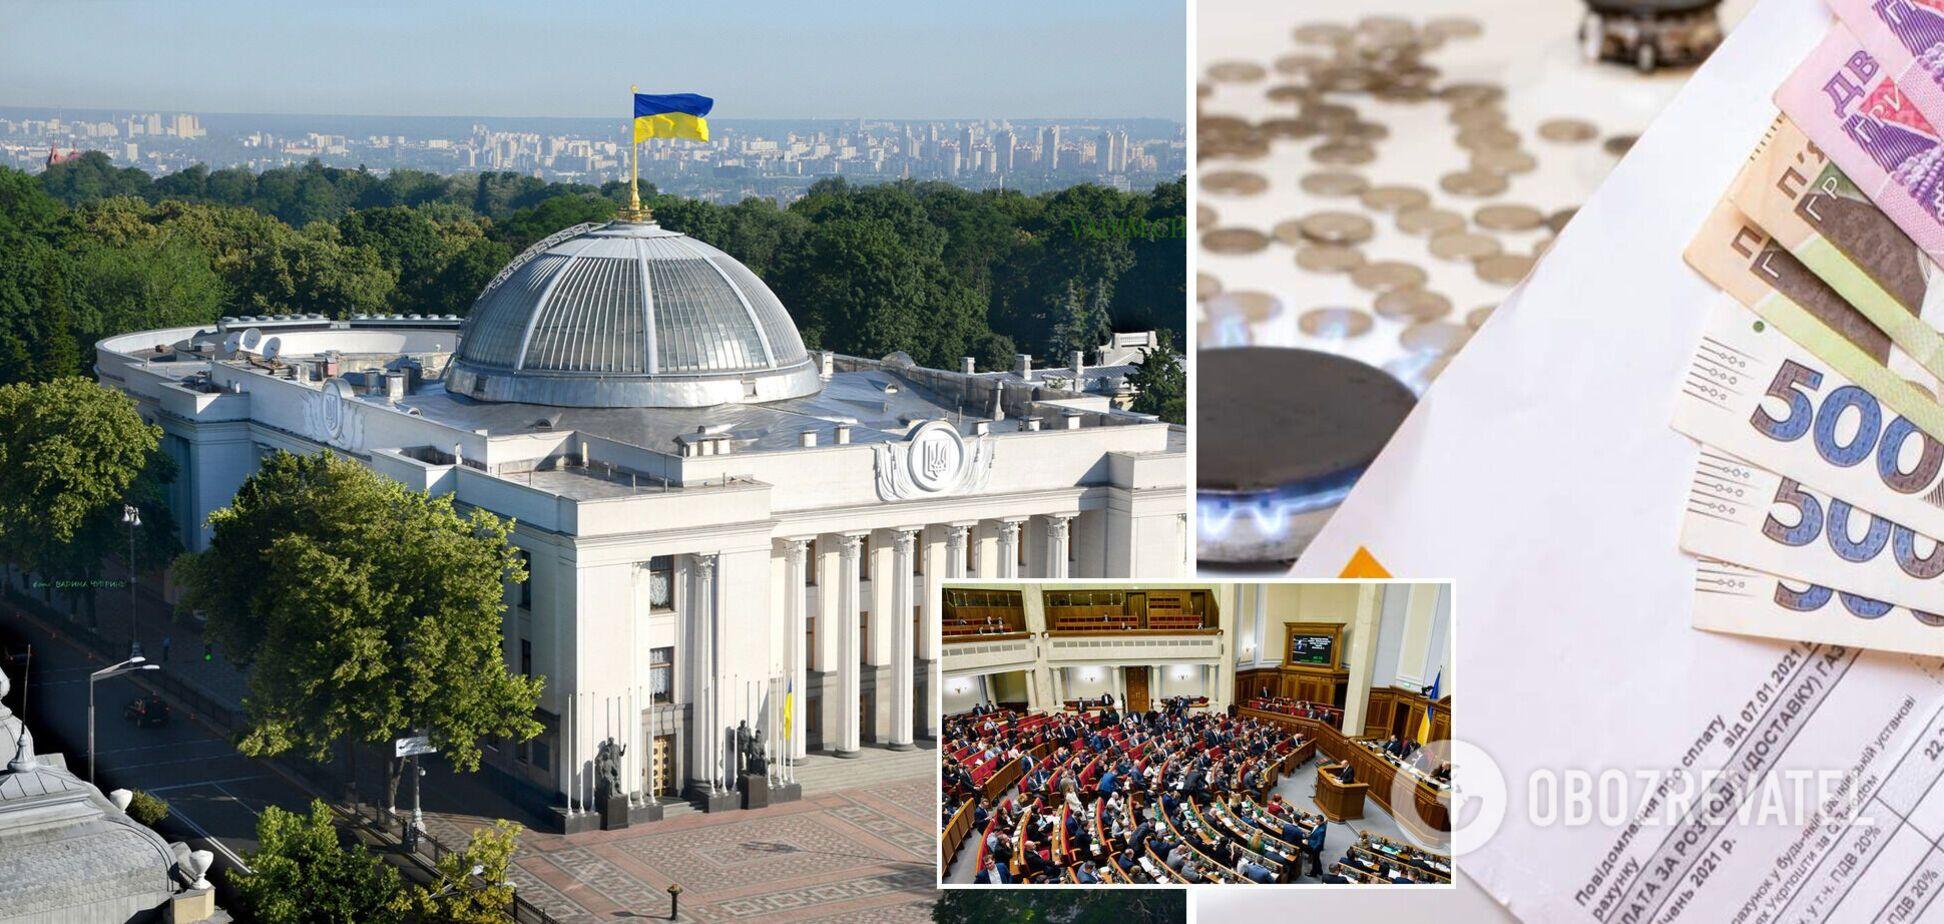 Эксперт назвал партию, которая предлагает реальные рецепты преодоления бедности в Украине